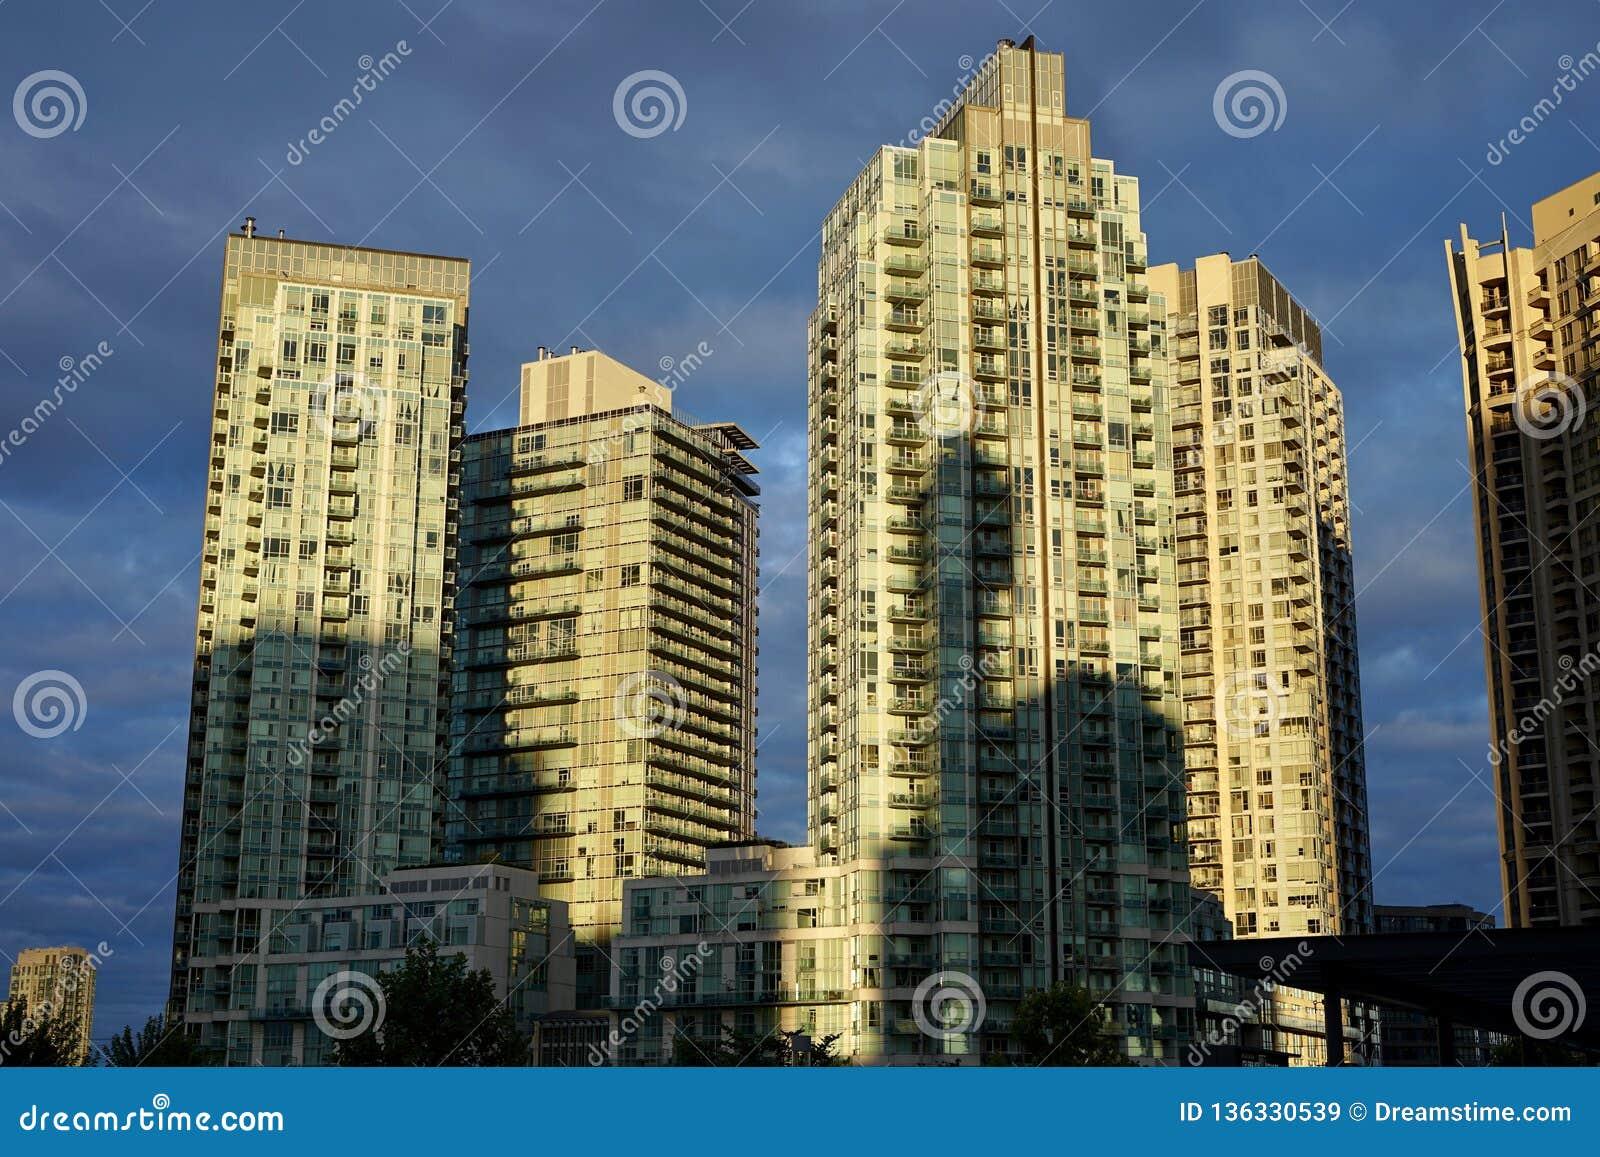 Vista de un edificio agradable y una sombra de un edificio adyacente